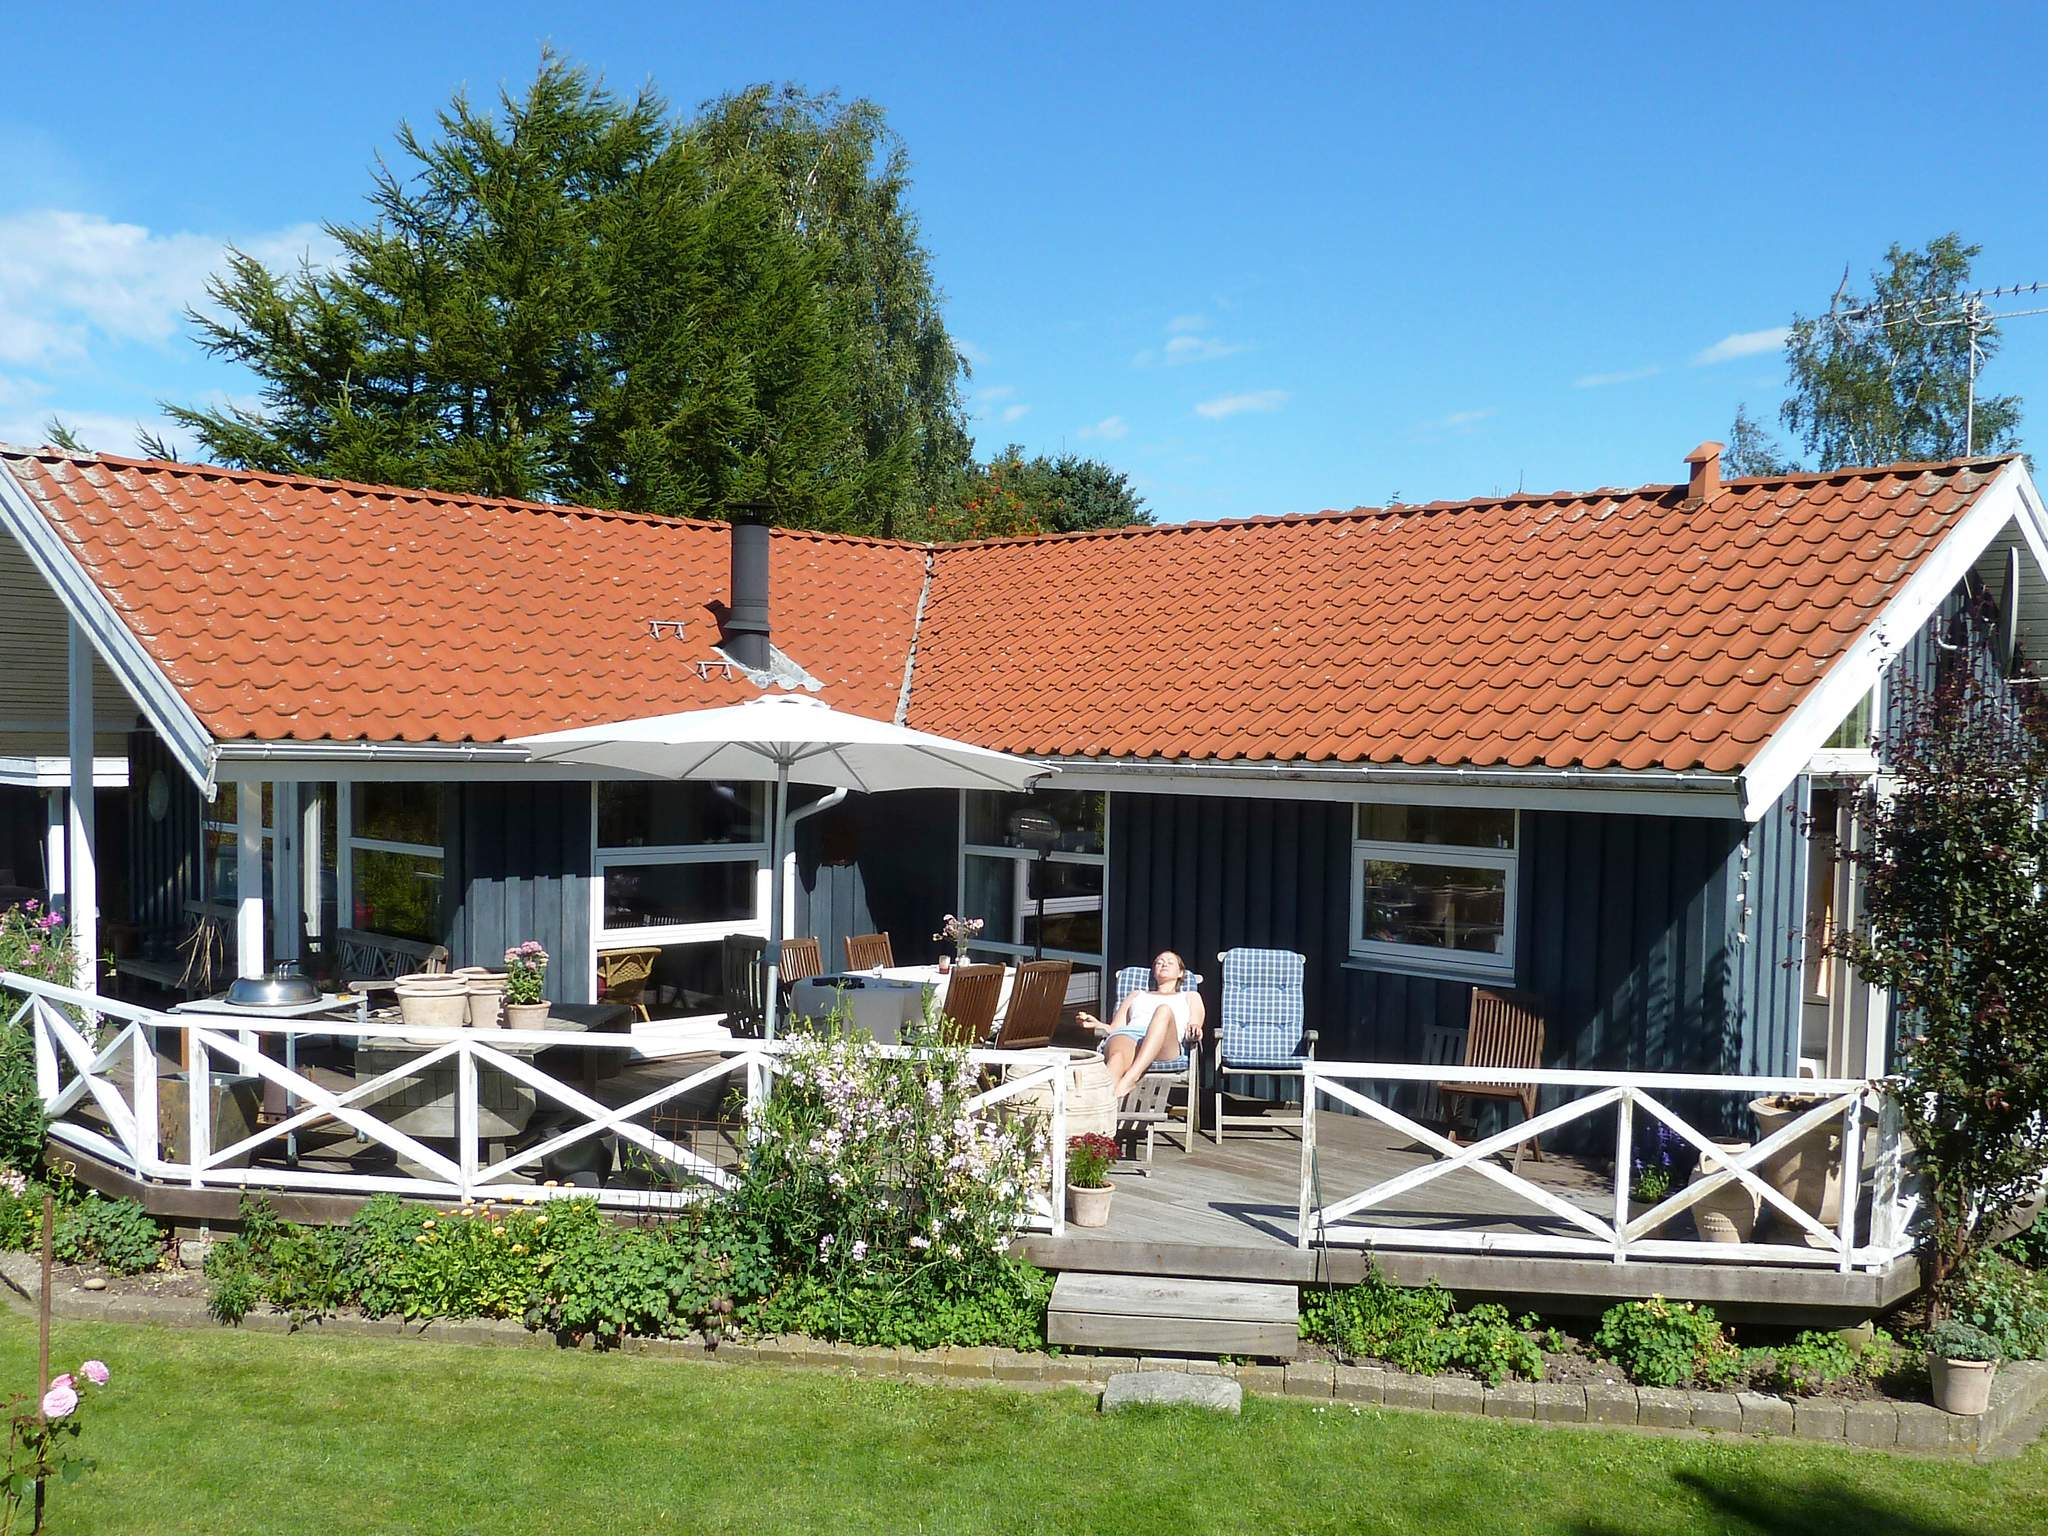 Ferienhaus Gilleleje (125873), Gilleleje, , Nordseeland, Dänemark, Bild 1